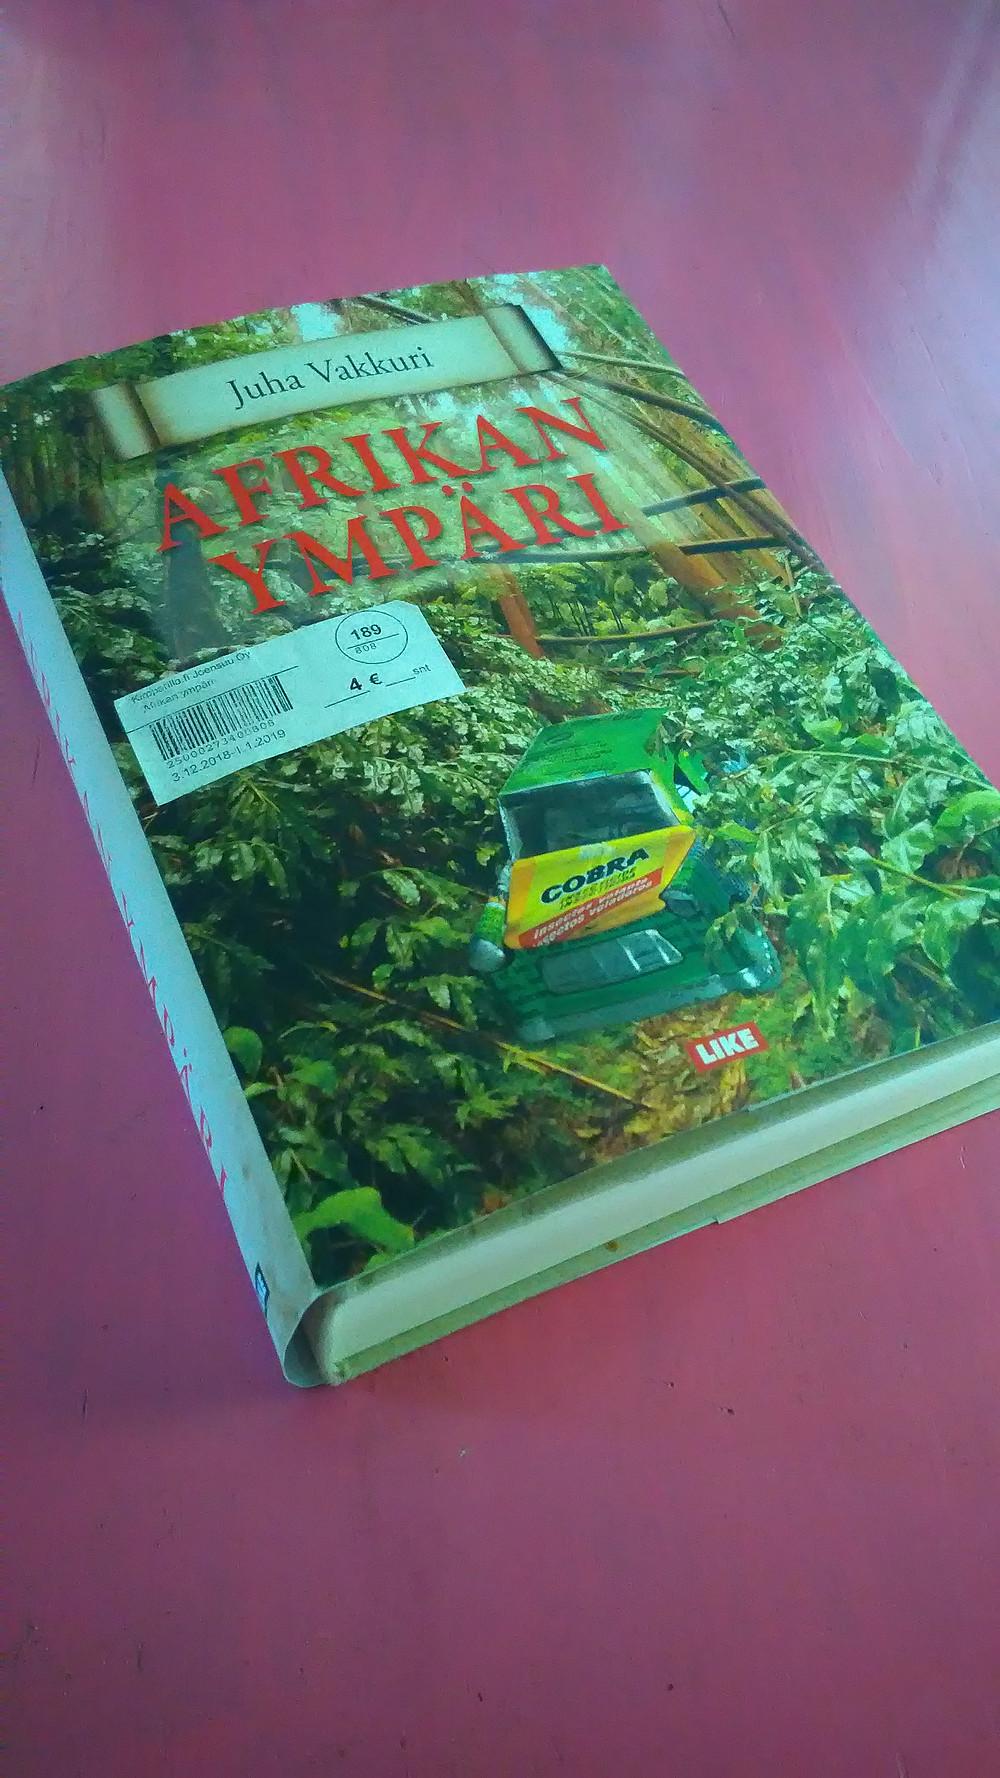 Juha Vakkurin eloisaa tekstiä Afrikassa matkaamisesta on ilo lukea.